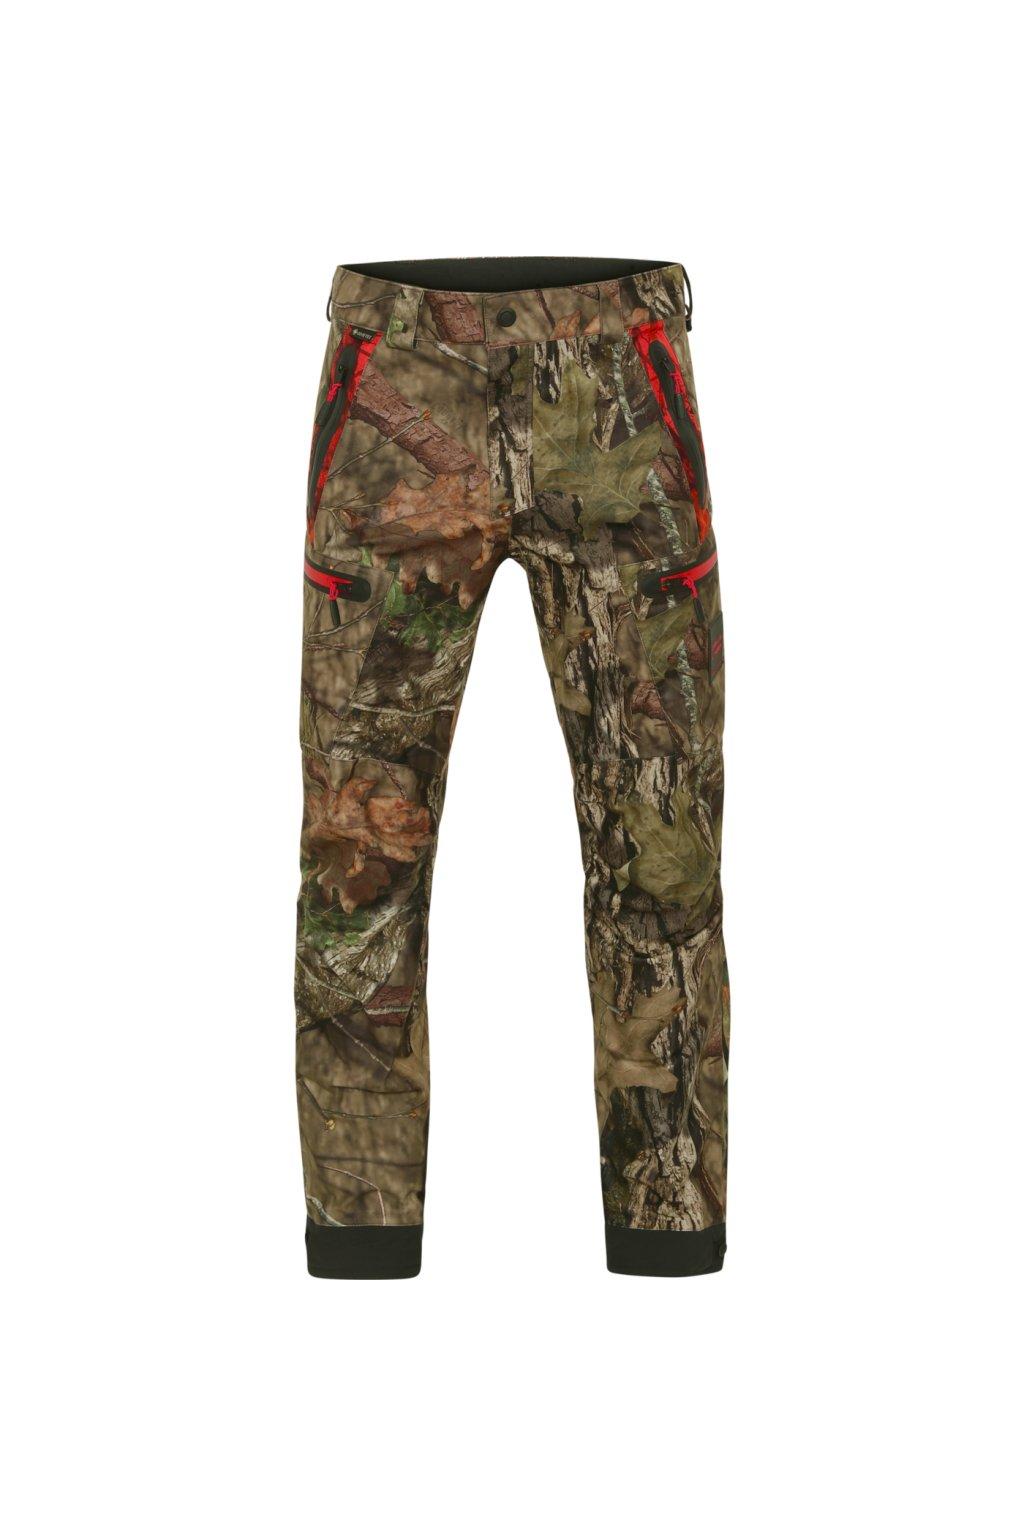 HÄRKILA - Moose Hunter 2.0 GTX kalhoty pánské